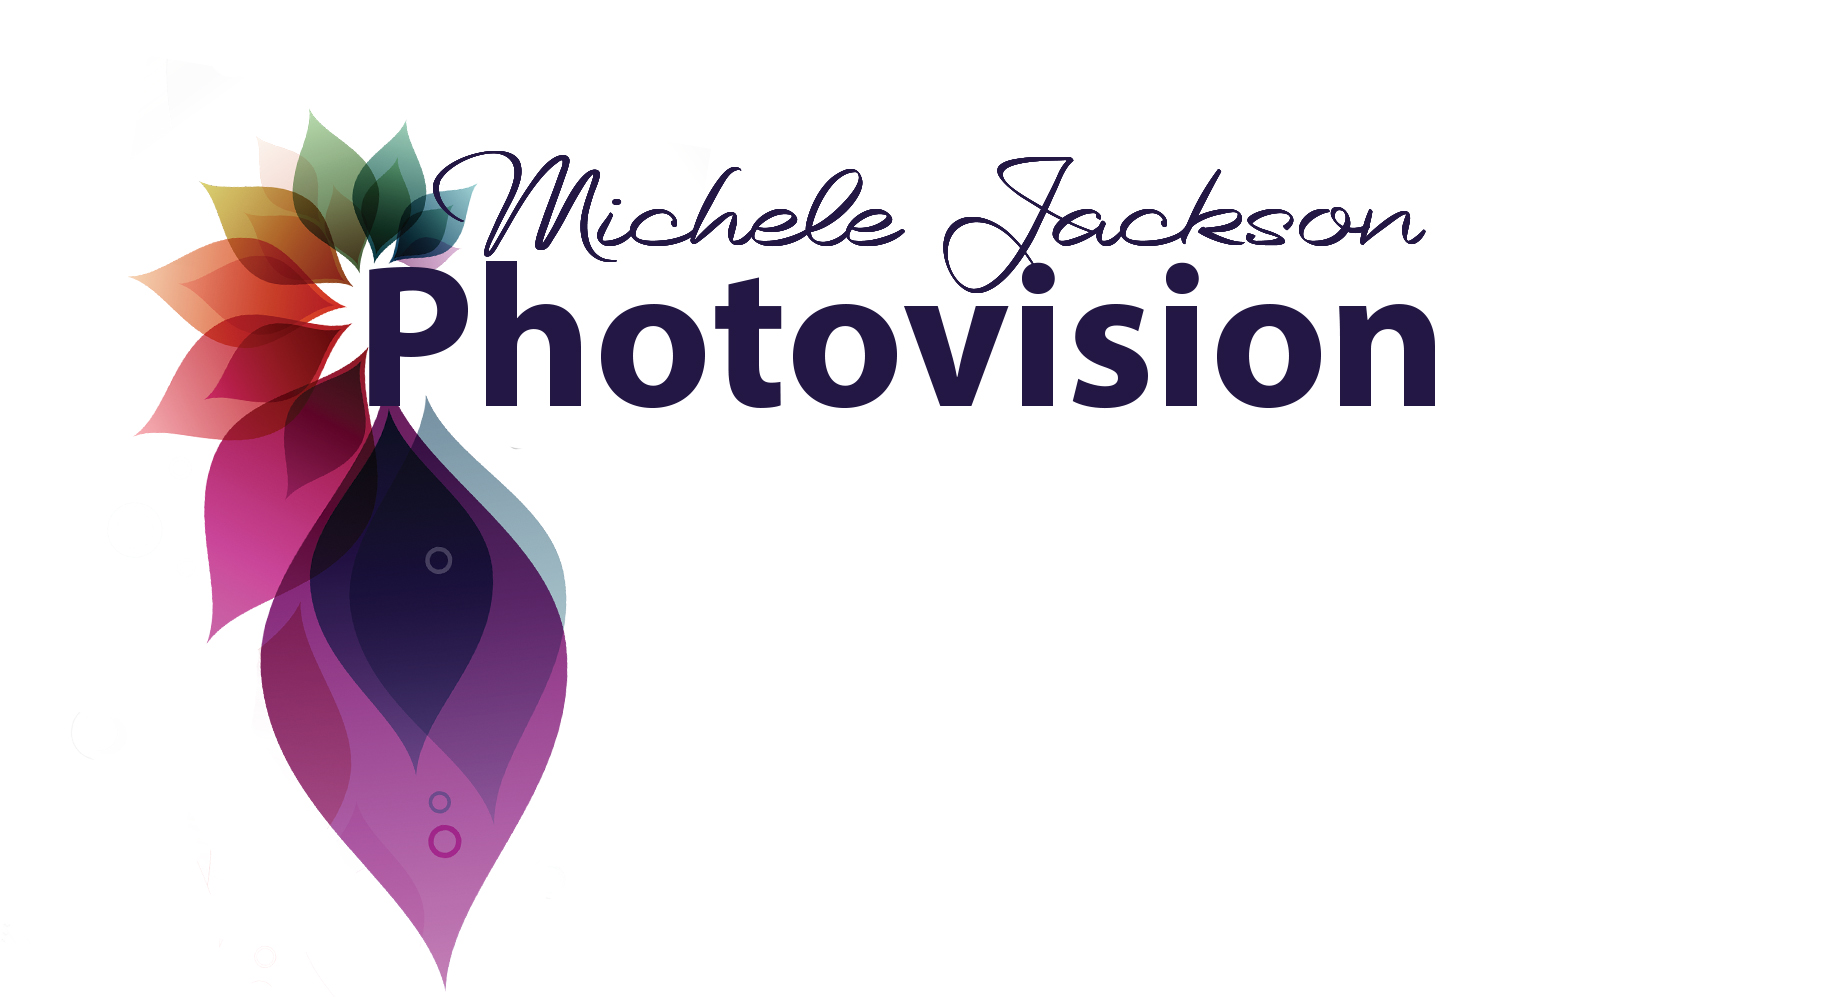 Michele Jackson PhotoVision